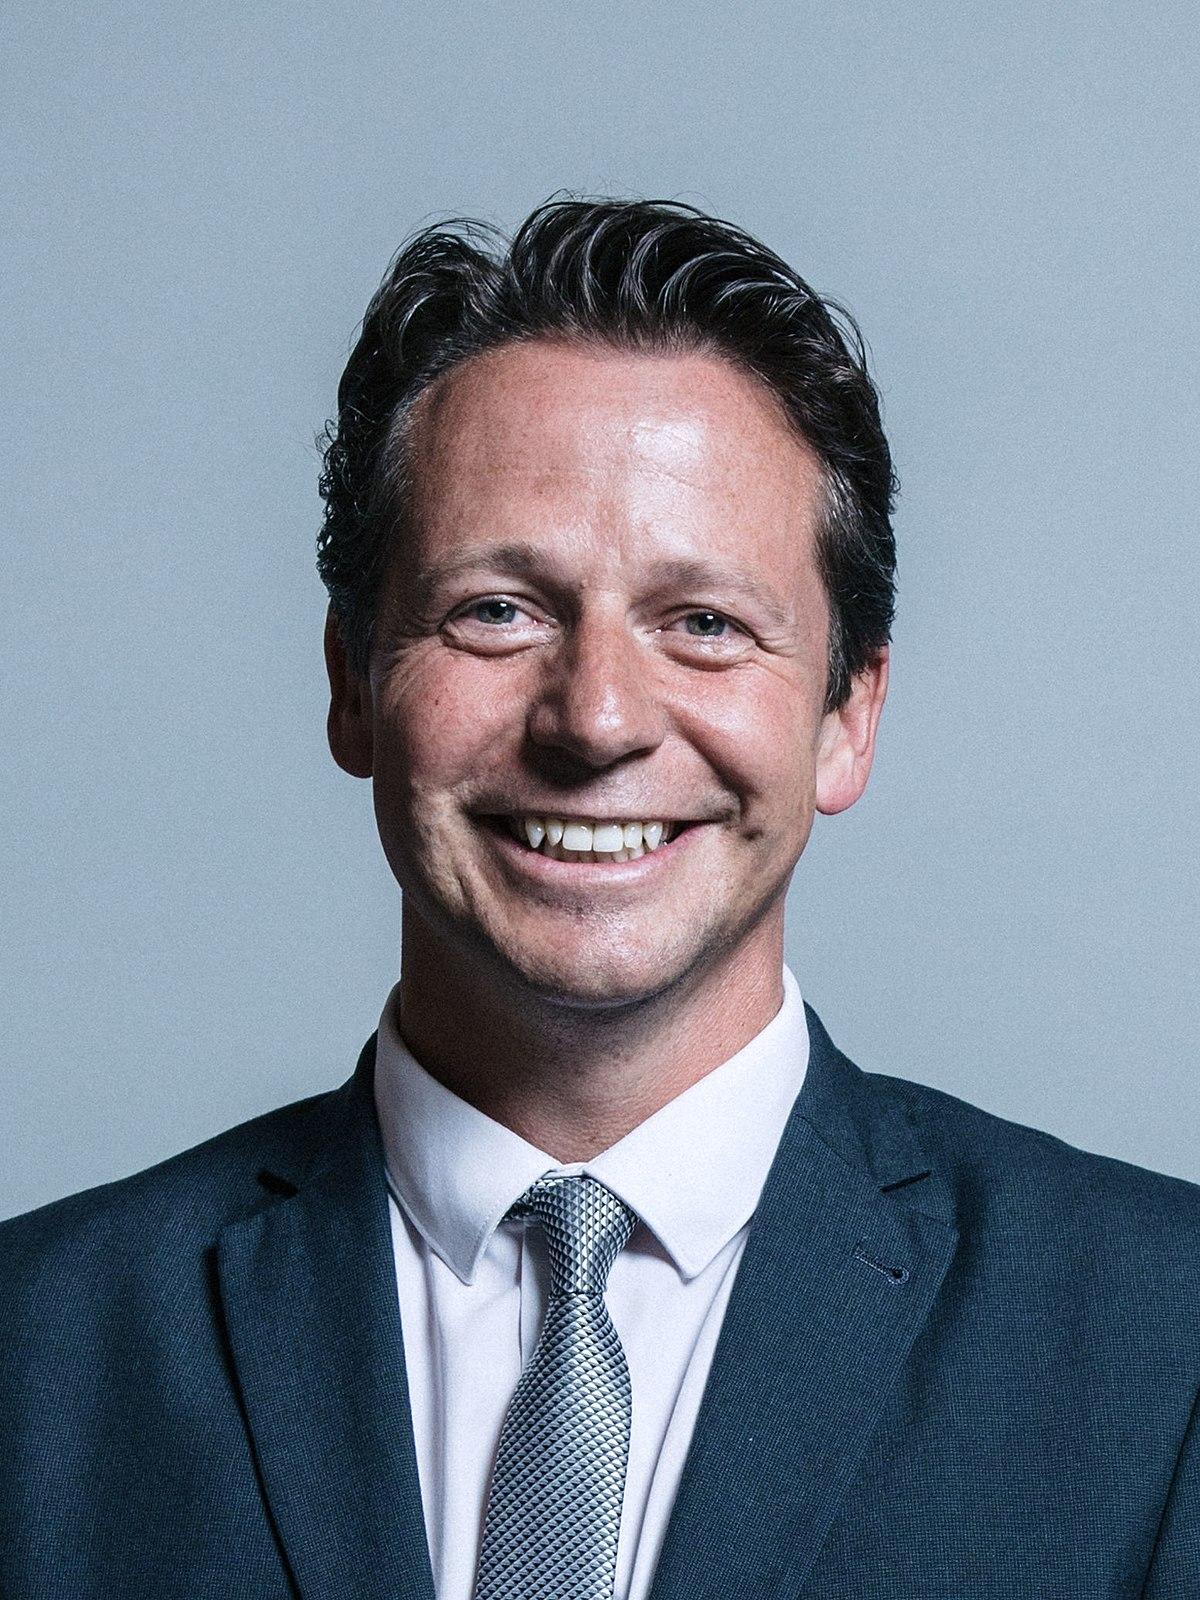 Nigel Huddleston Wikipedia